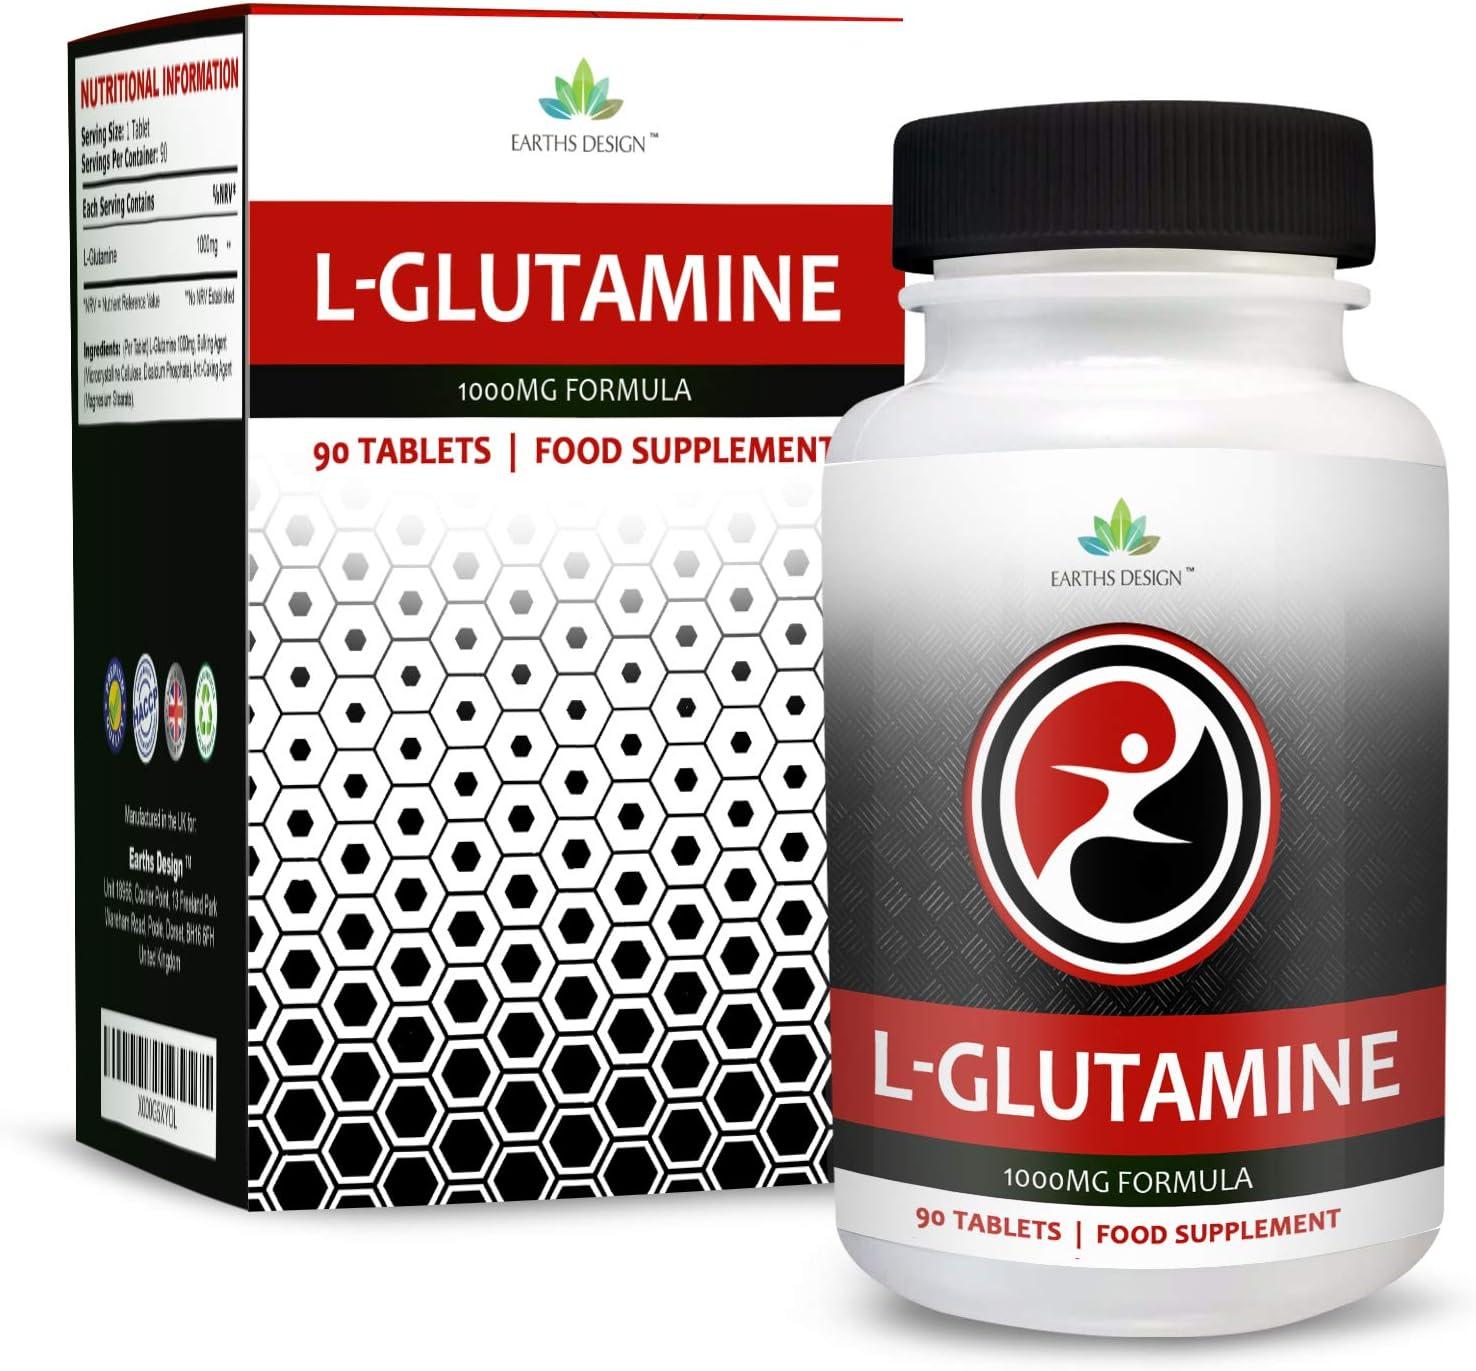 L-Glutamina - 1000mg Glutamina - Aminoácido L Glutamina - Glutamine - 90 Pastillas (Suministro Para 3 Meses) de Earths Design